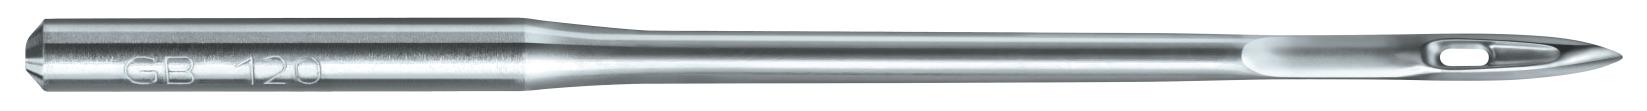 Швейная игла Groz-Beckert 134 LR №180 для кожи